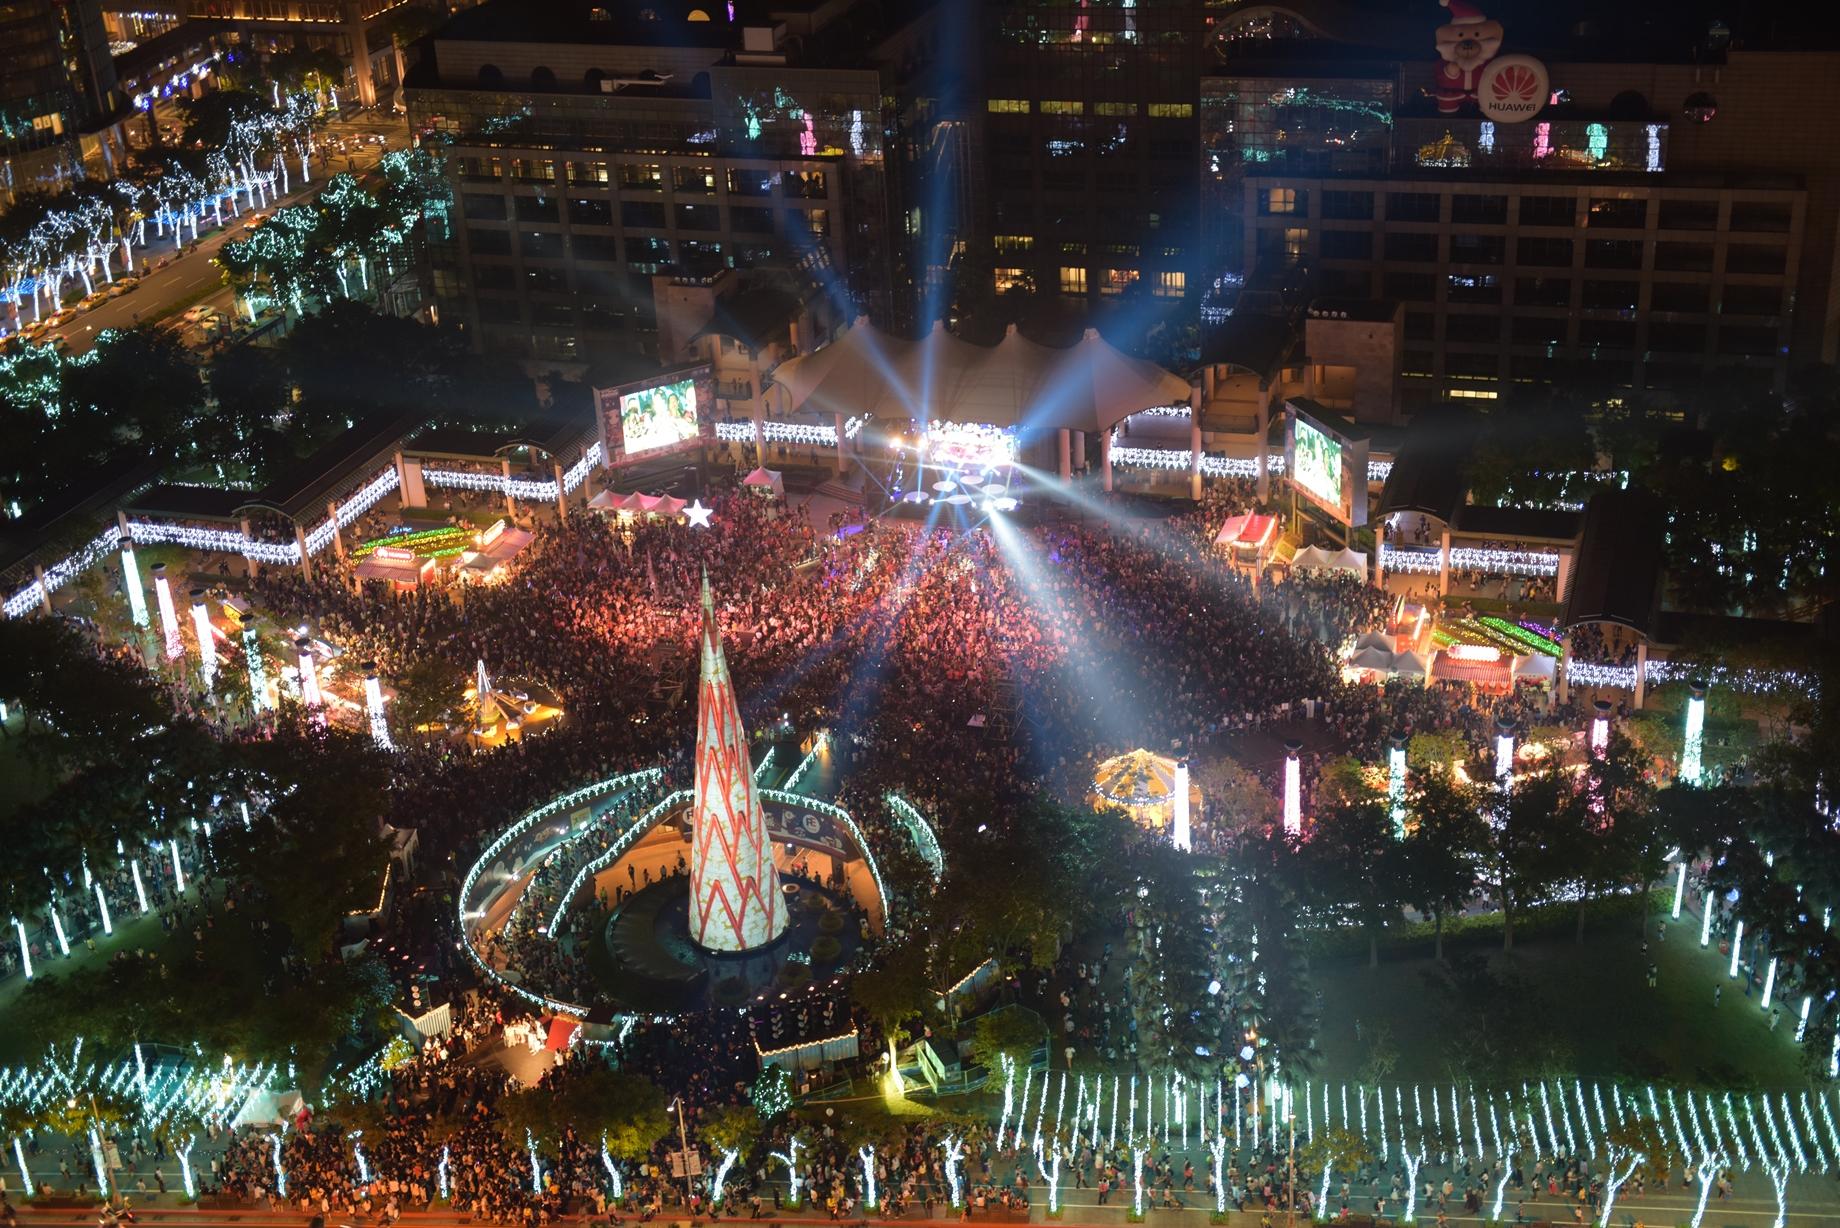 2016新北市歡樂耶誕城開幕儀式,整個市民廣場擠得水洩不通。圖片提供/新北市政府觀光旅遊局